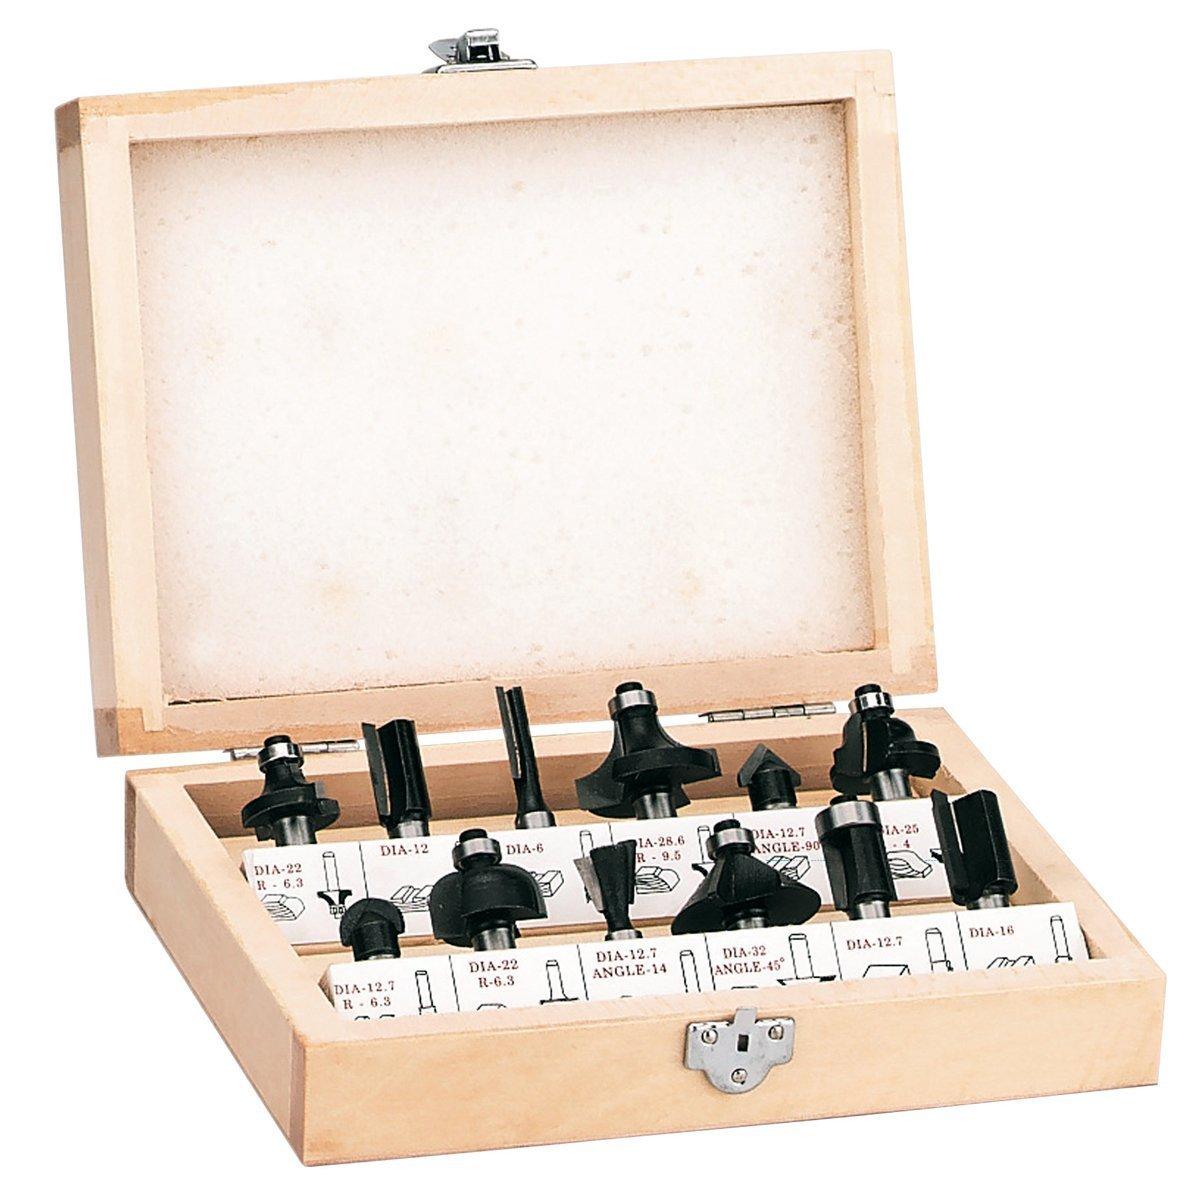 Einhell 4350199 RT-RO 55 / BT-RO 1200 E - Pack de 12 fresas para madera, 8 mm, color negro: Amazon.es: Bricolaje y herramientas